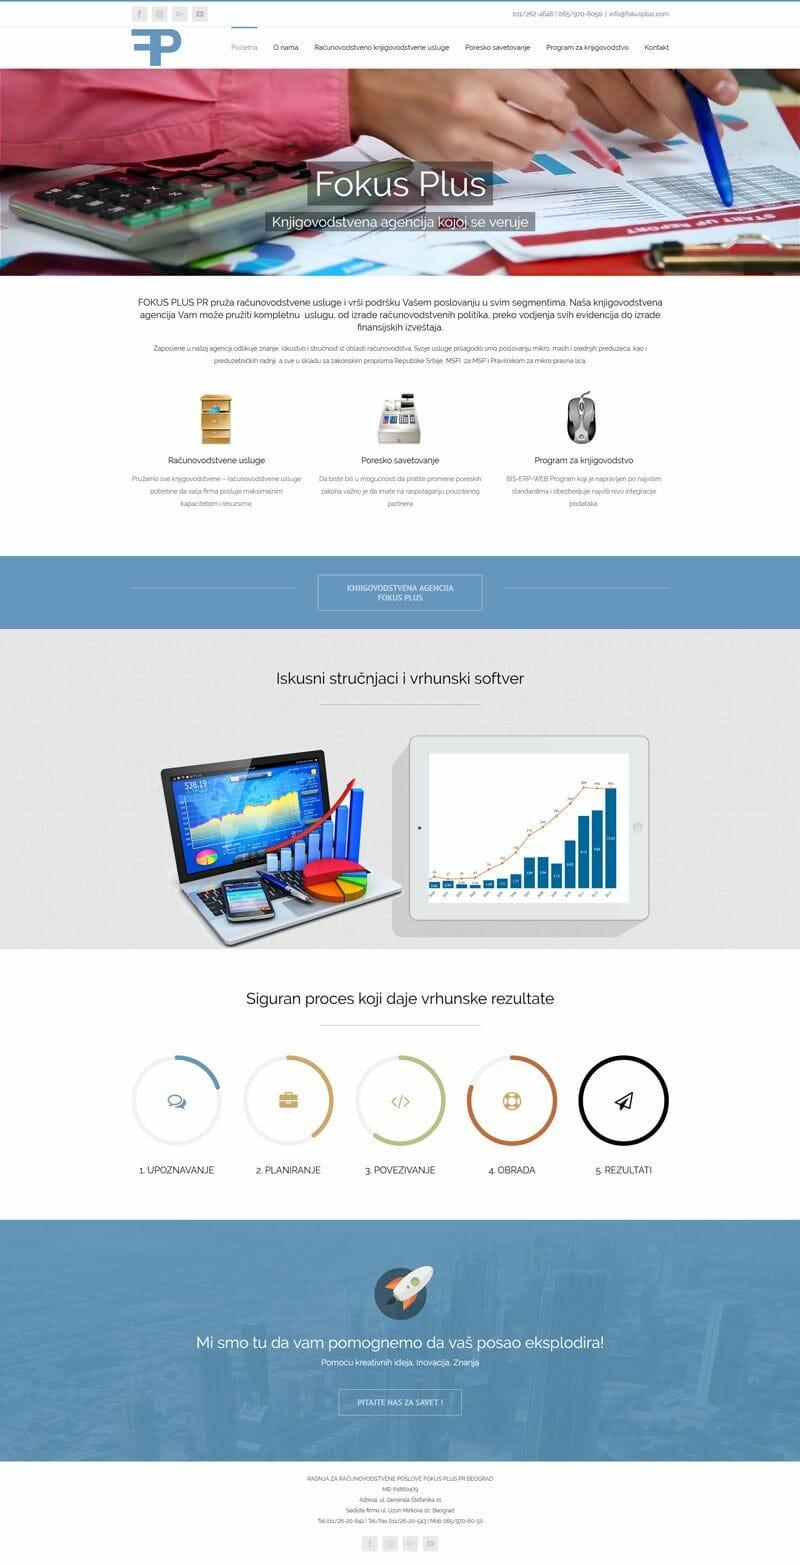 izrada sajta za knjigovodstvenu agenciju Fokus Plus